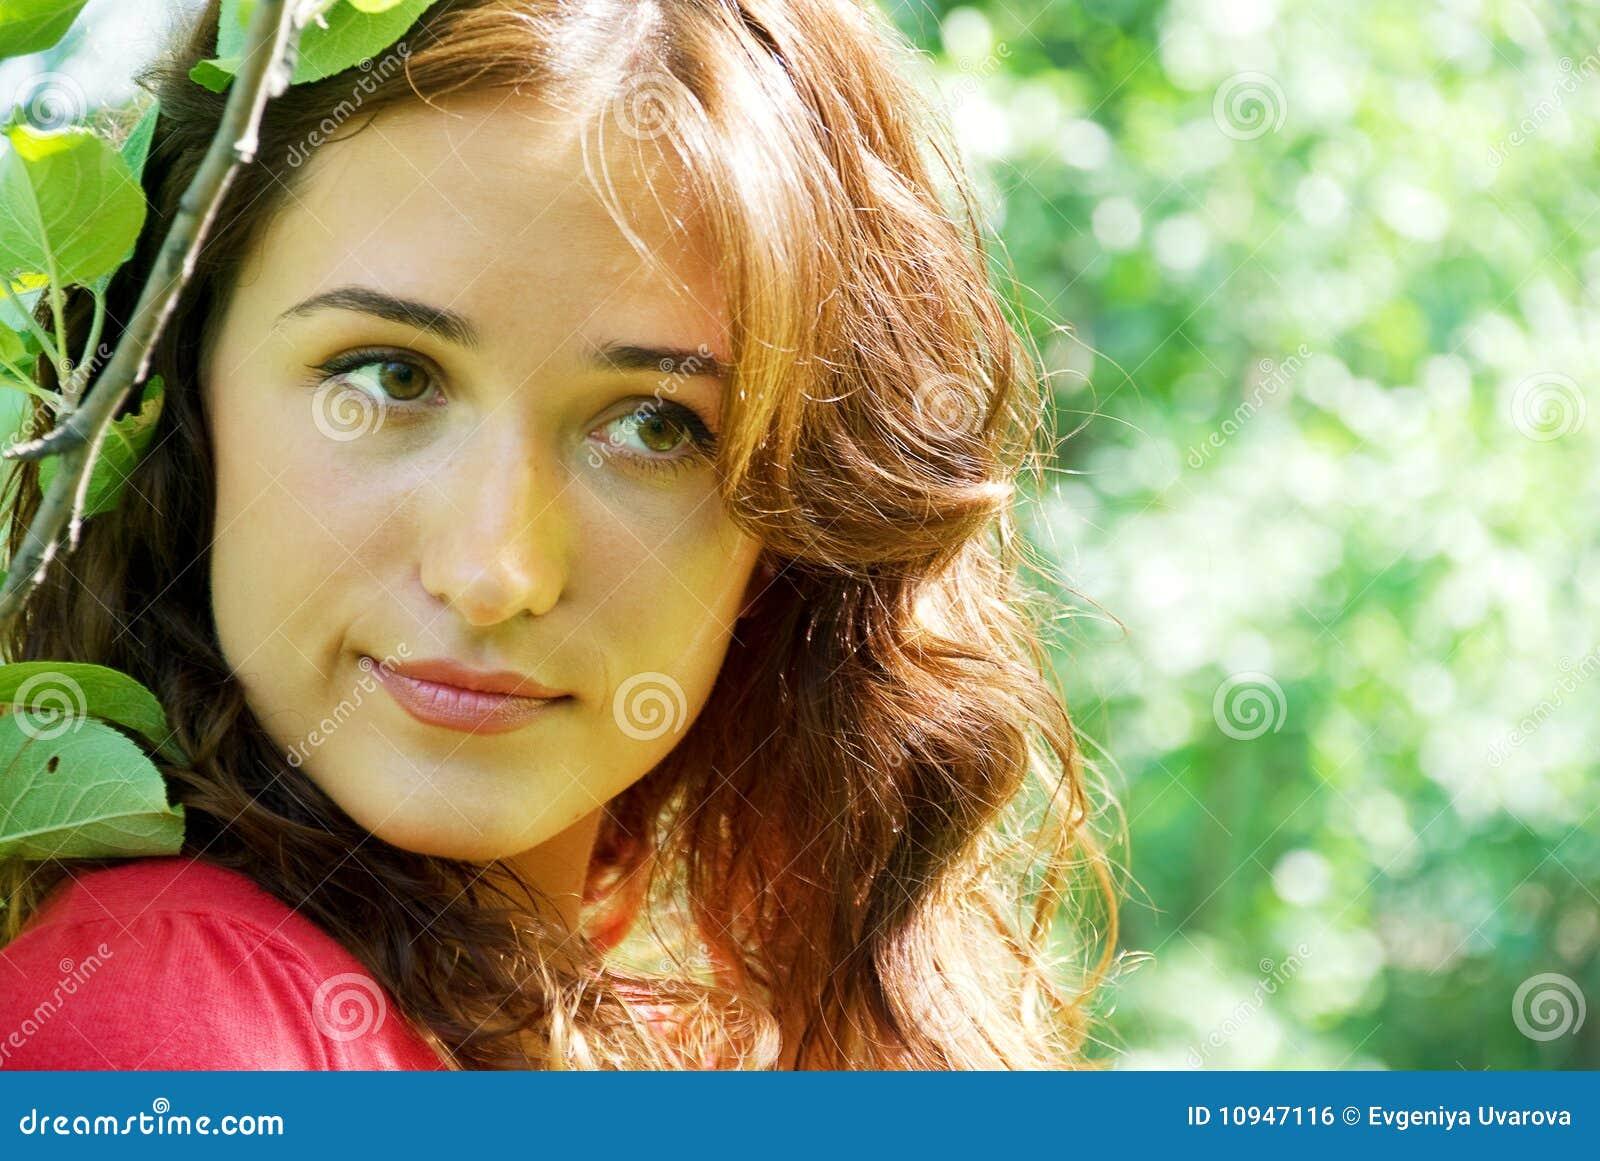 детеныши женщины портрета